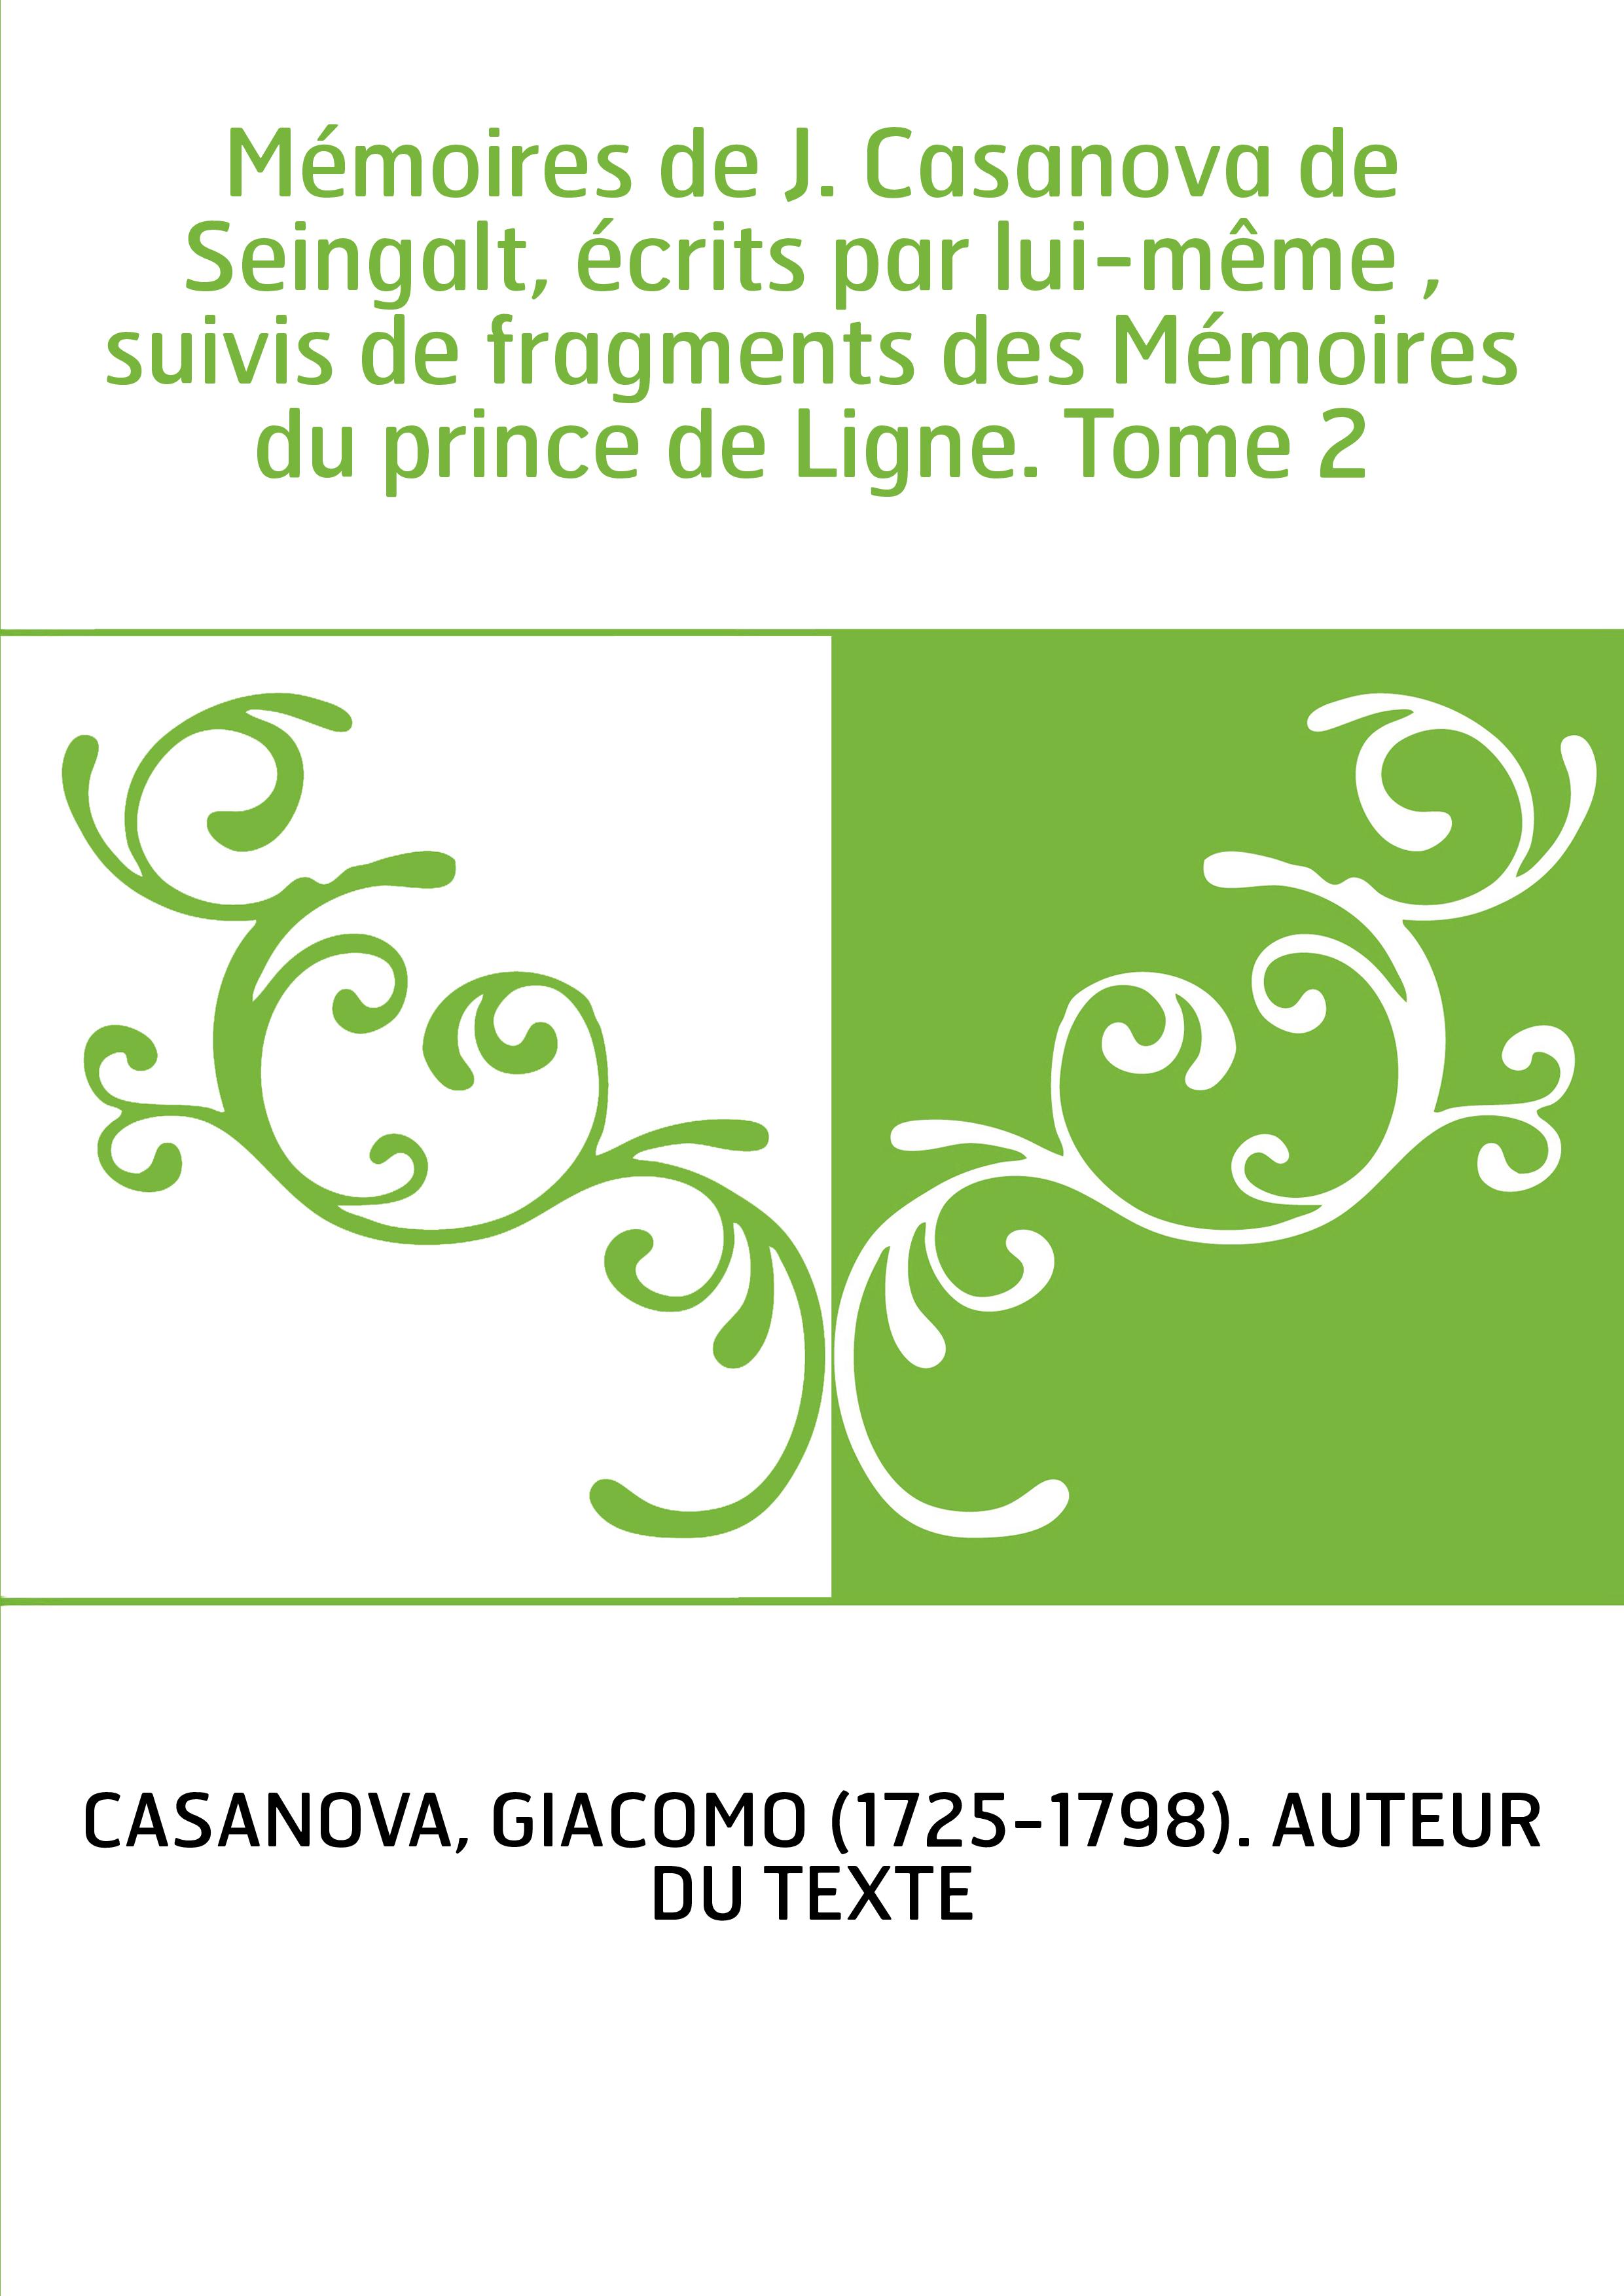 Mémoires de J. Casanova de Seingalt, écrits par lui-même , suivis de fragments des Mémoires du prince de Ligne. Tome 2